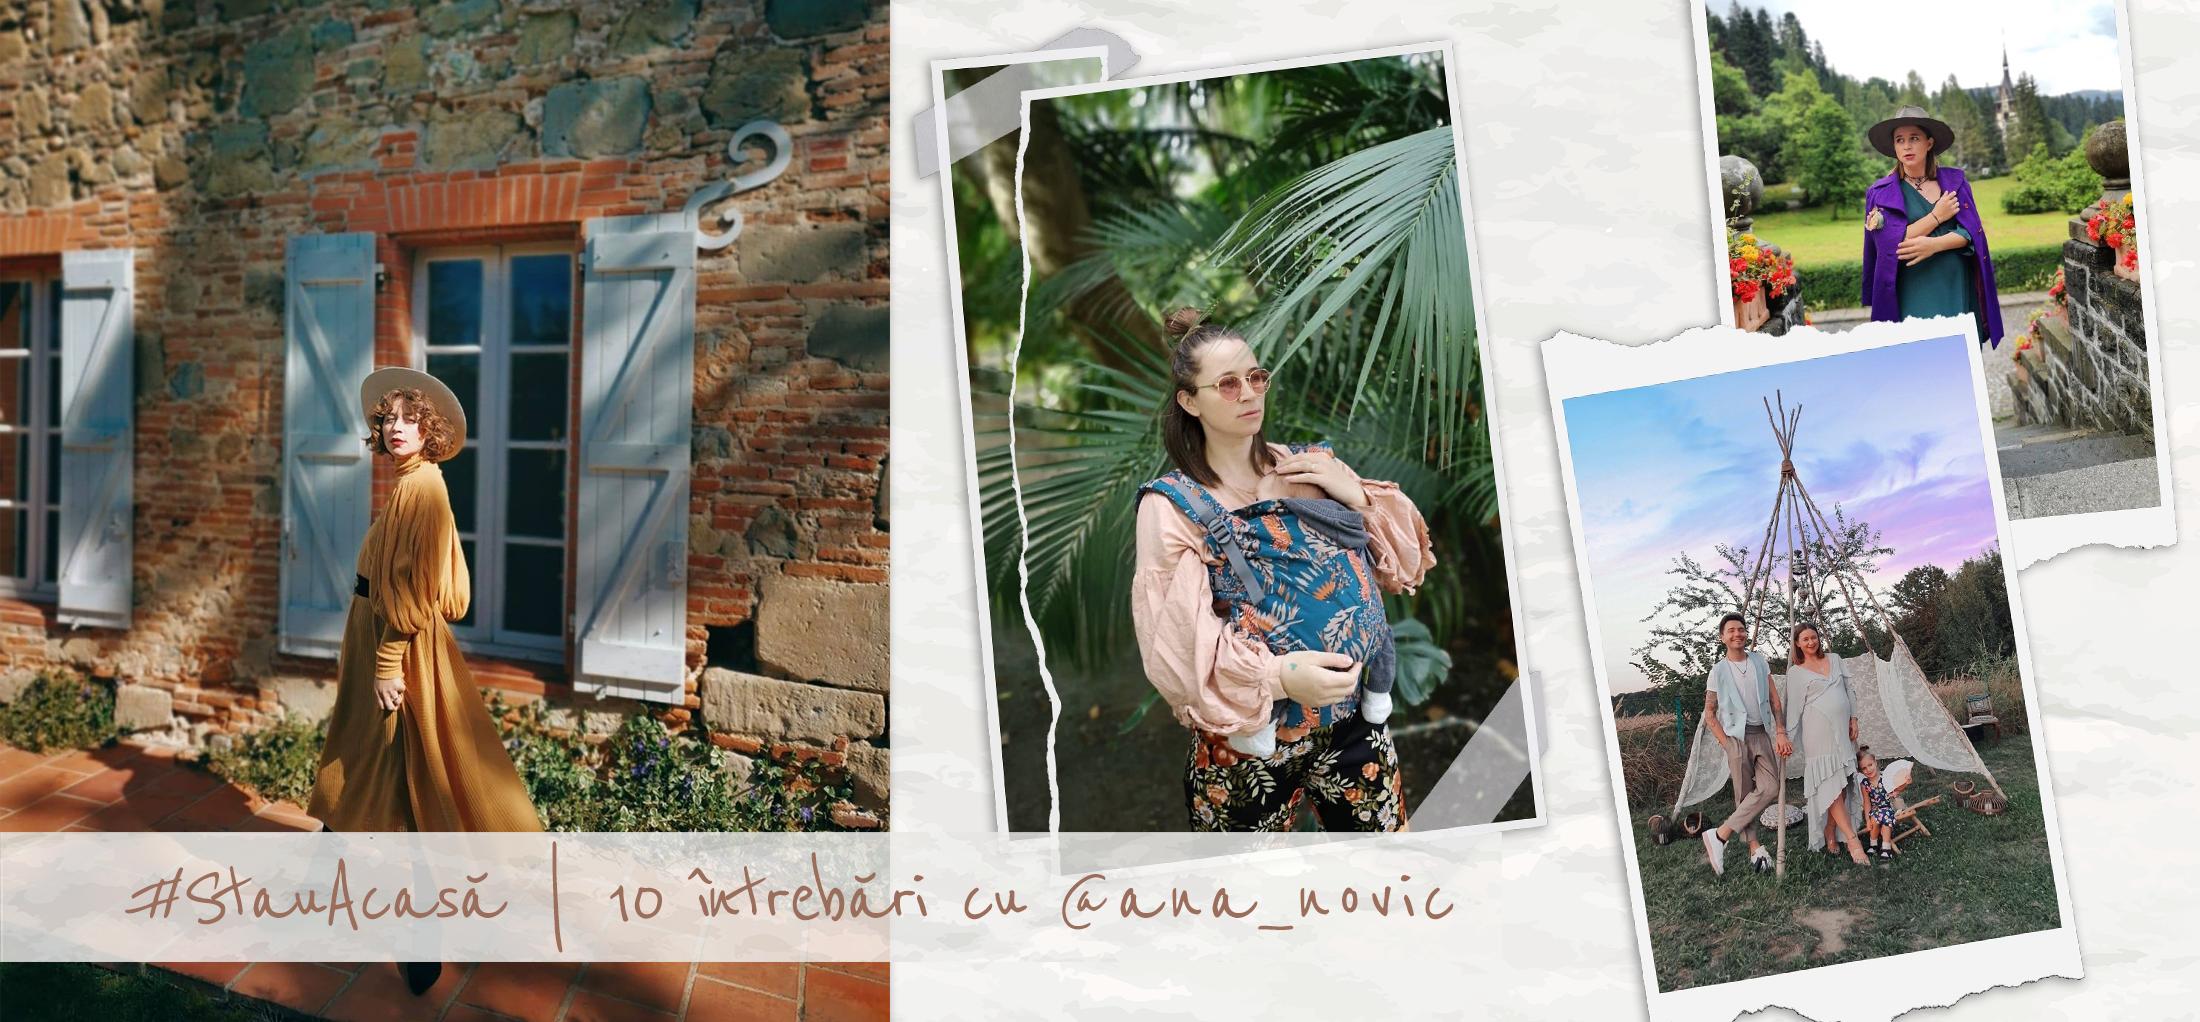 #StauAcasă | 10 întrebări cu @ana_novic